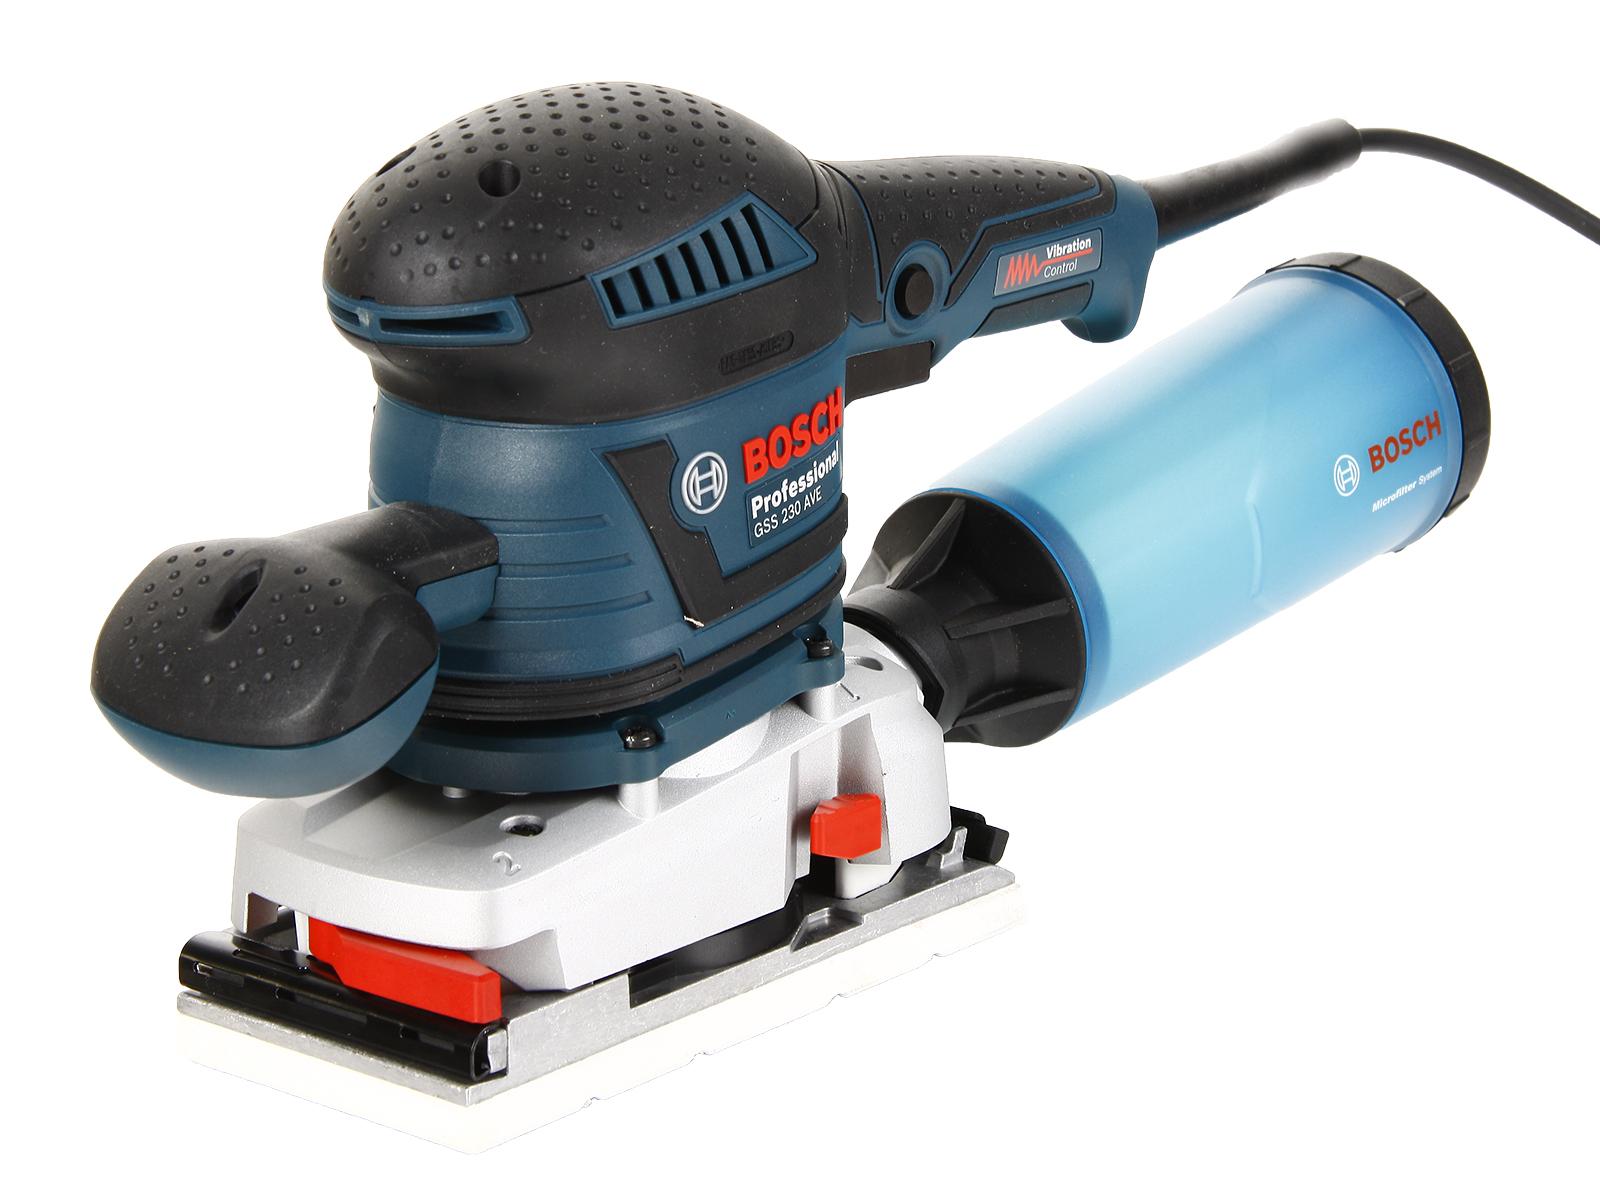 Машинка шлифовальная плоская (вибрационная) Bosch Gss 230 ave (0.601.292.802) виброшлифмашина bosch gss 23 a 0 601 070 400